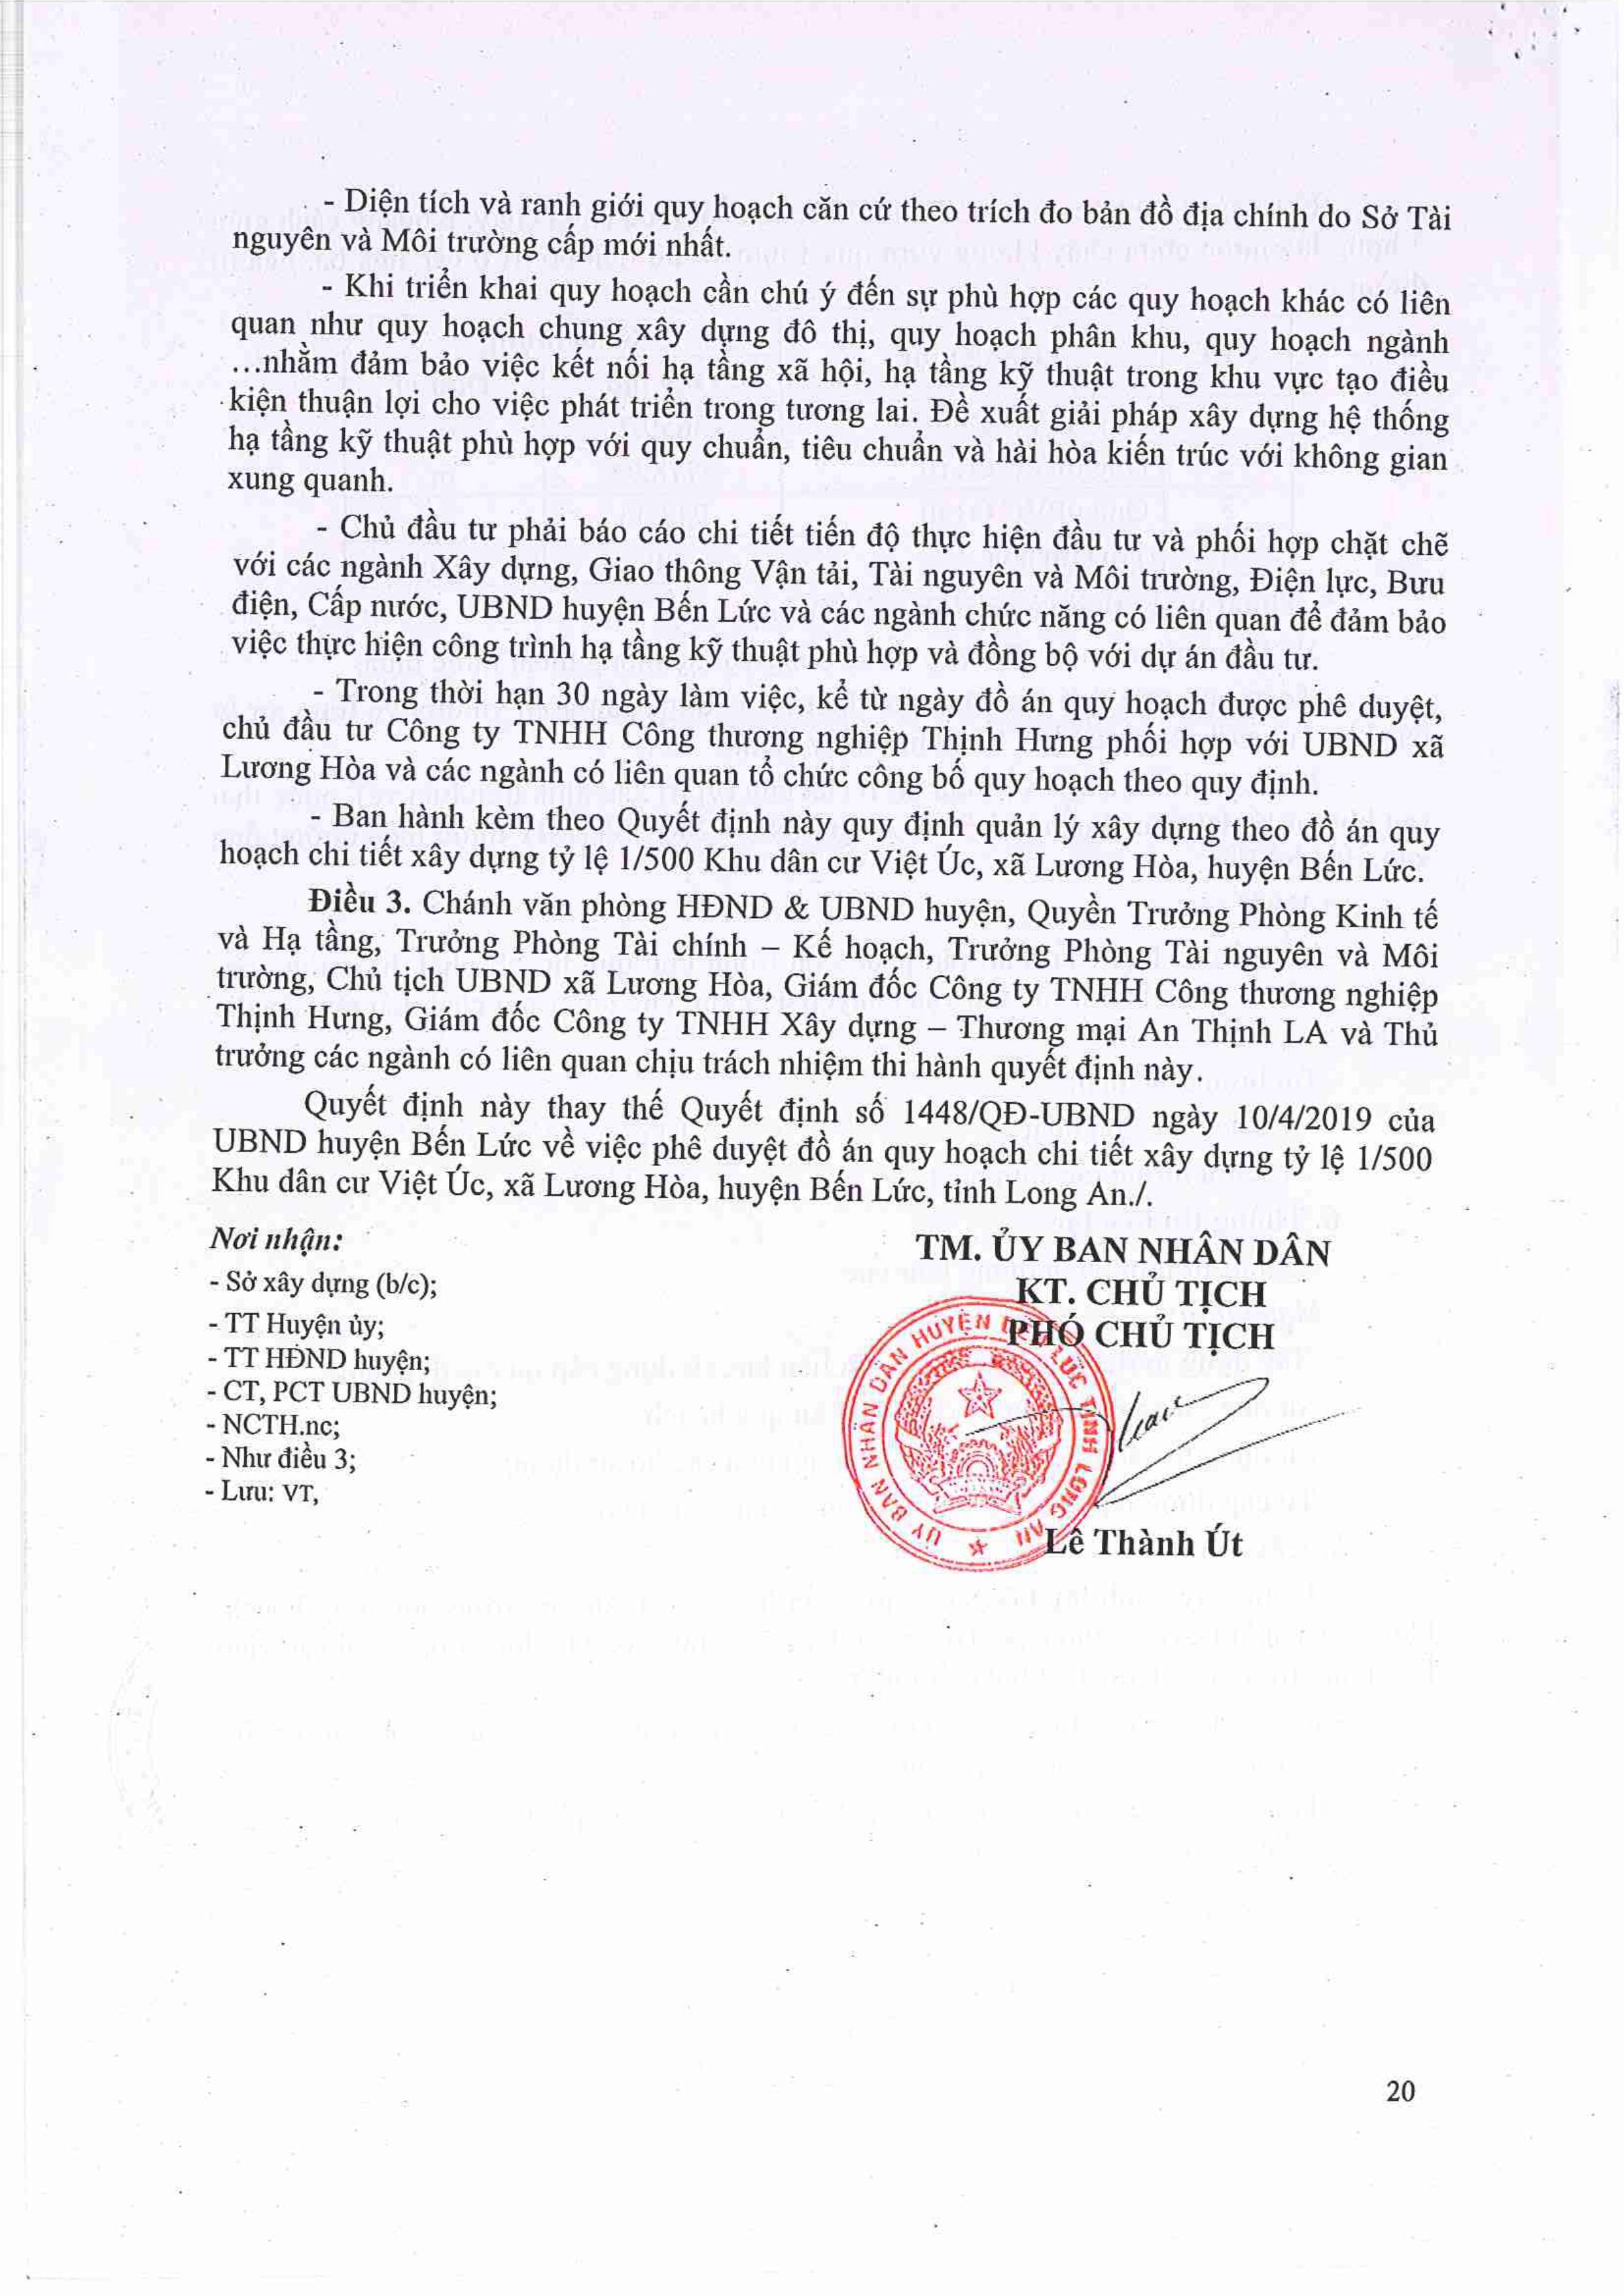 Quy Hoạch Chi Tiết 1/500 Dự án Vietuc Varea Long An